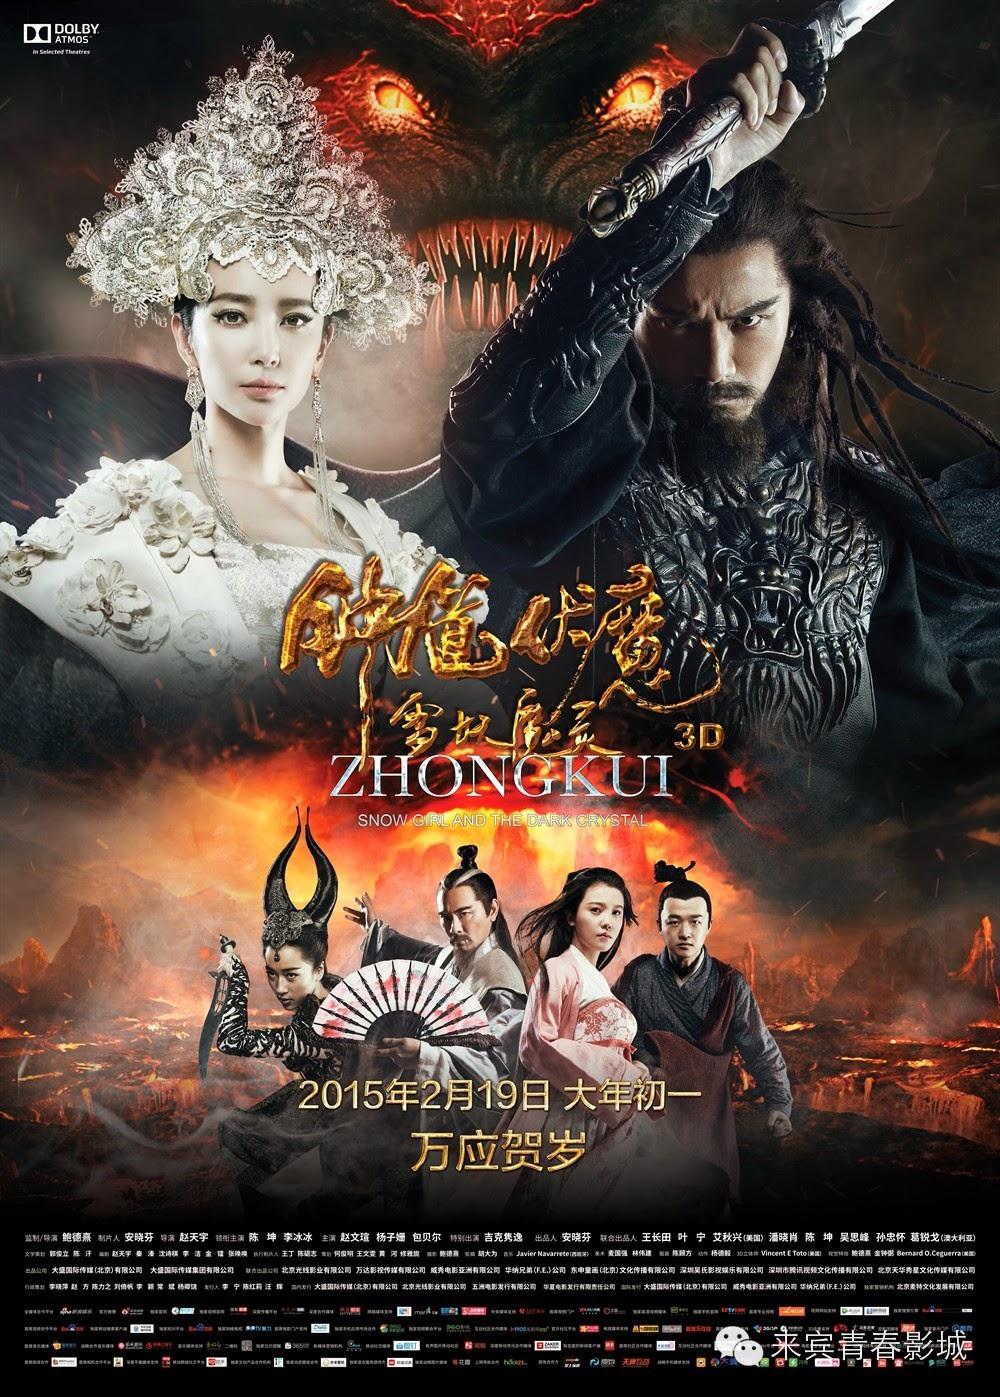 Zhong Kui Snow Girl and The Dark Crystal จงขุย ศึกเทพฤทธิ์พิชิตมาร [HD][พากย์ไทย]